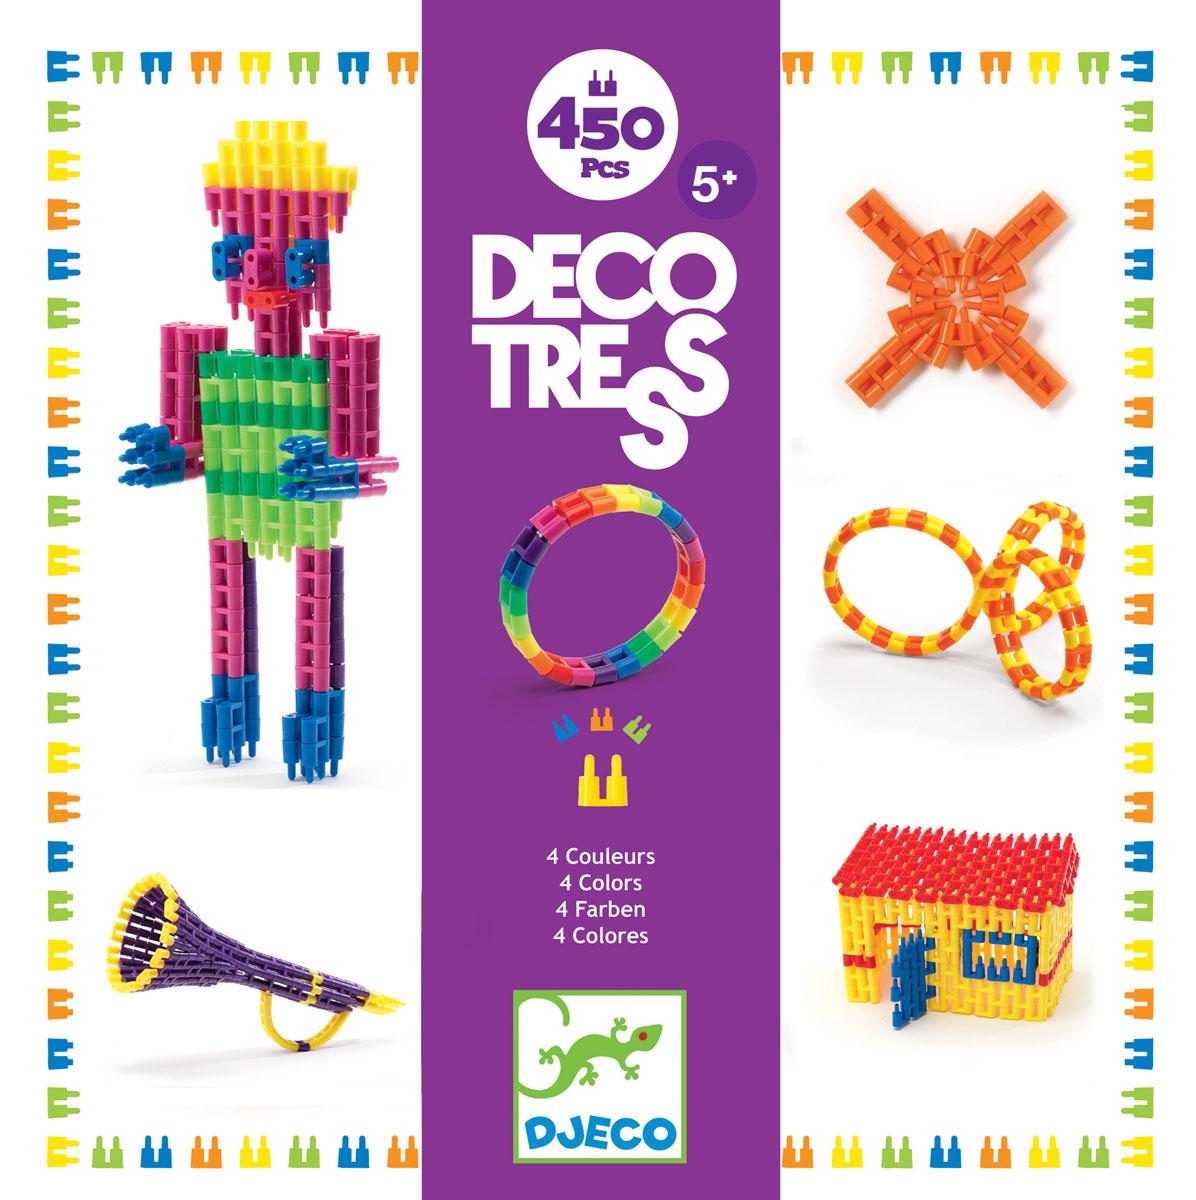 Djeco Конструктор Деко Тресс 0013500135Конструктор Djeco Деко Тресс предлагает малышу построить с помощью разноцветных деталей яркие конструкции и фигуры. Этот удивительный набор - прекрасная возможность для развития навыков конструирования, мелкой моторики, творческой фантазии. В комплекте 450 деталей пяти цветов.